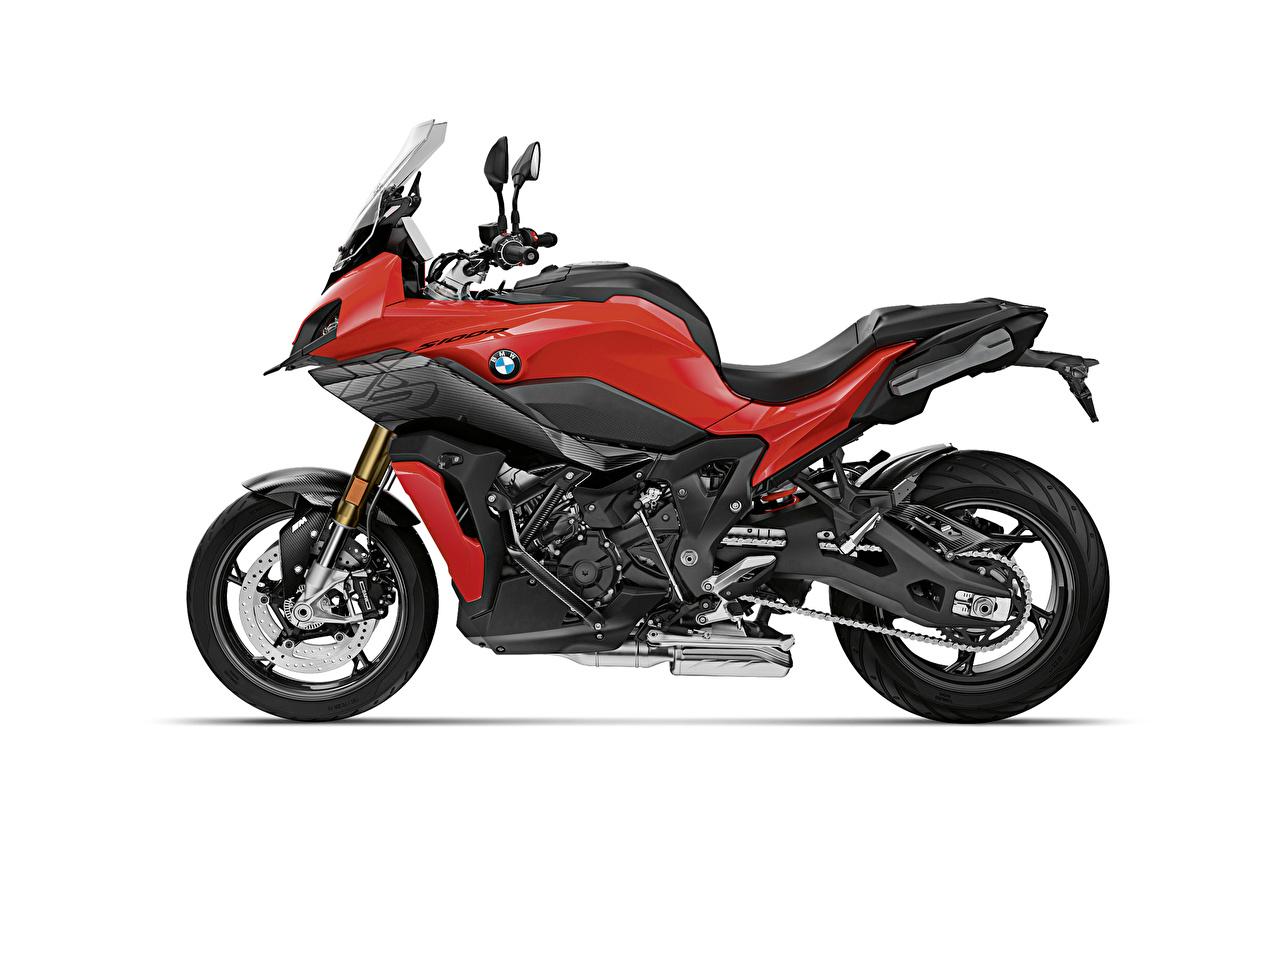 Фотографии БМВ 2020 S 1000 XR Carbon Package Мотоциклы Сбоку белым фоном BMW - Мотоциклы мотоцикл Белый фон белом фоне